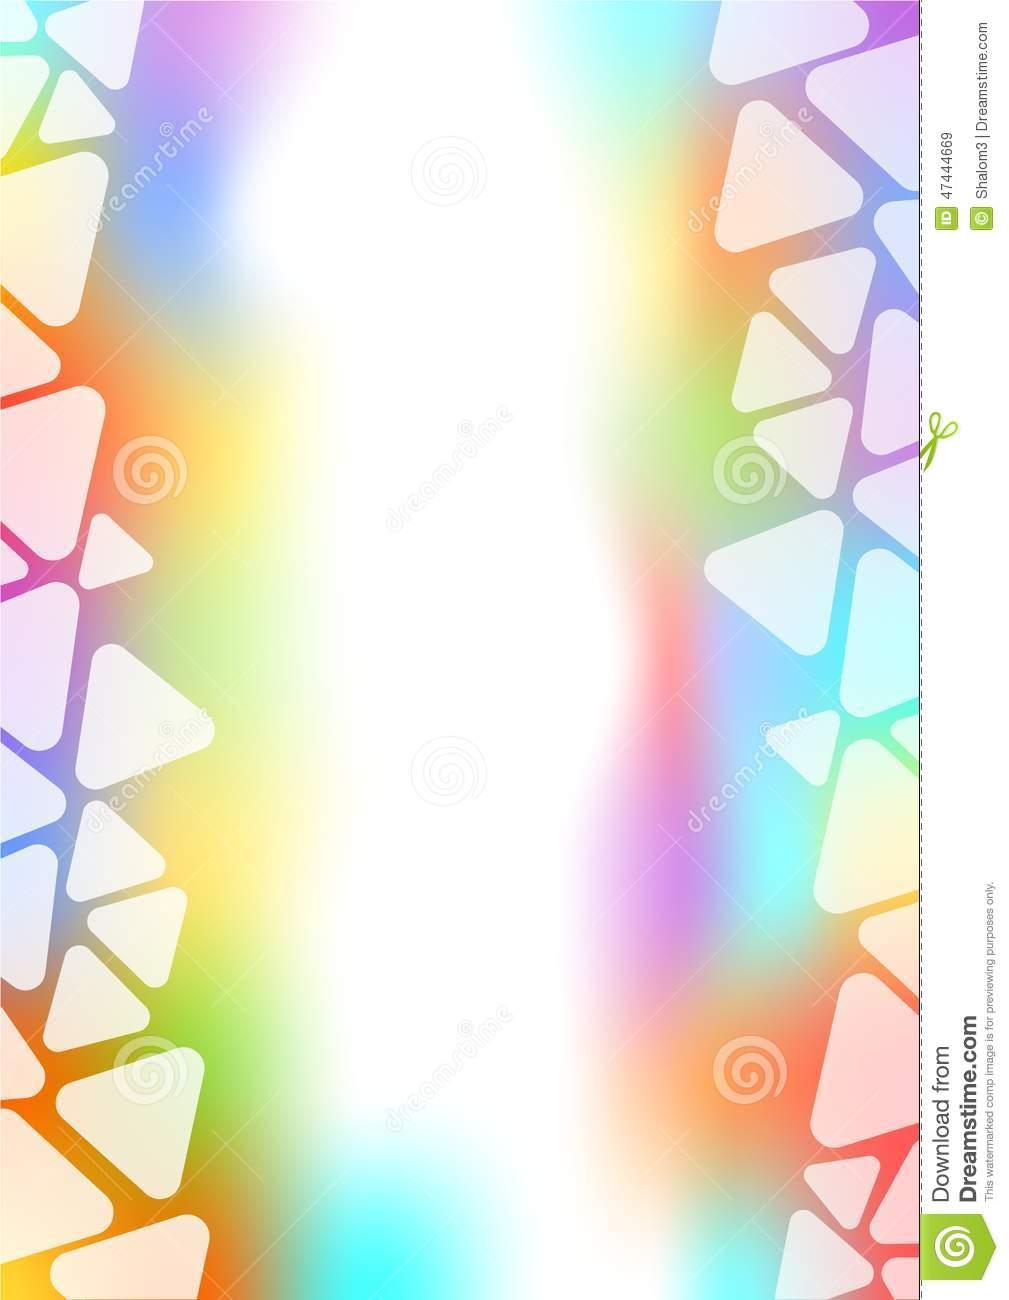 Pastel clipart transparent background picture freeuse stock Background With Transparent Triangle Border On Pastel Area Stock ... picture freeuse stock